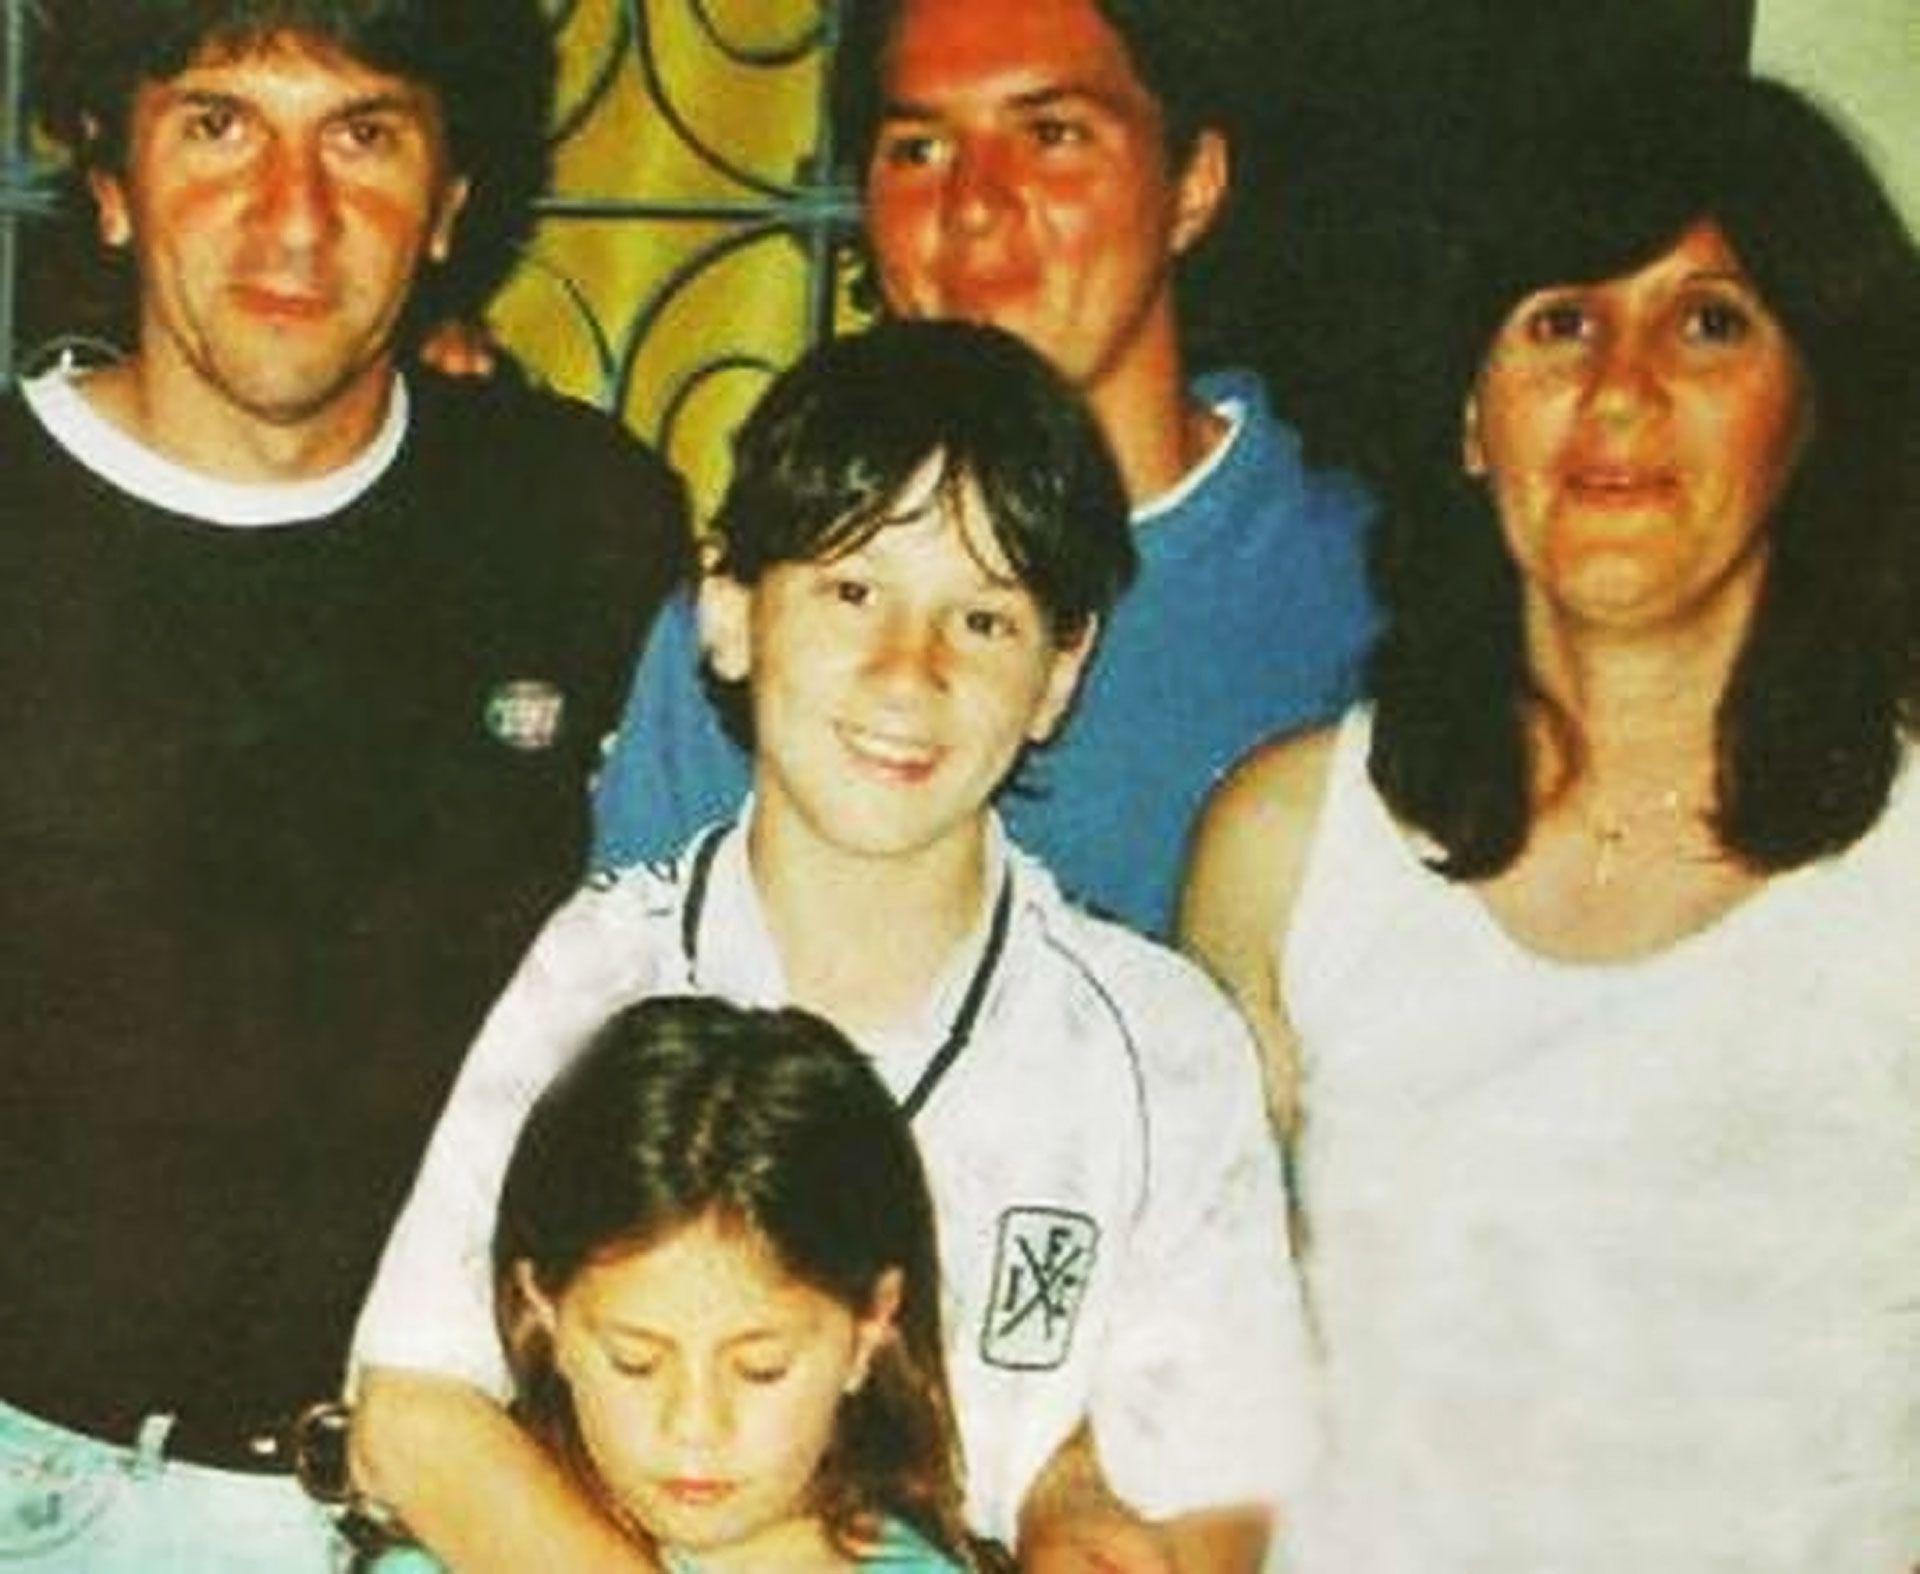 La imagen que generó confusión: Messi con una camiseta alternativa de Independiente en una foto familiar